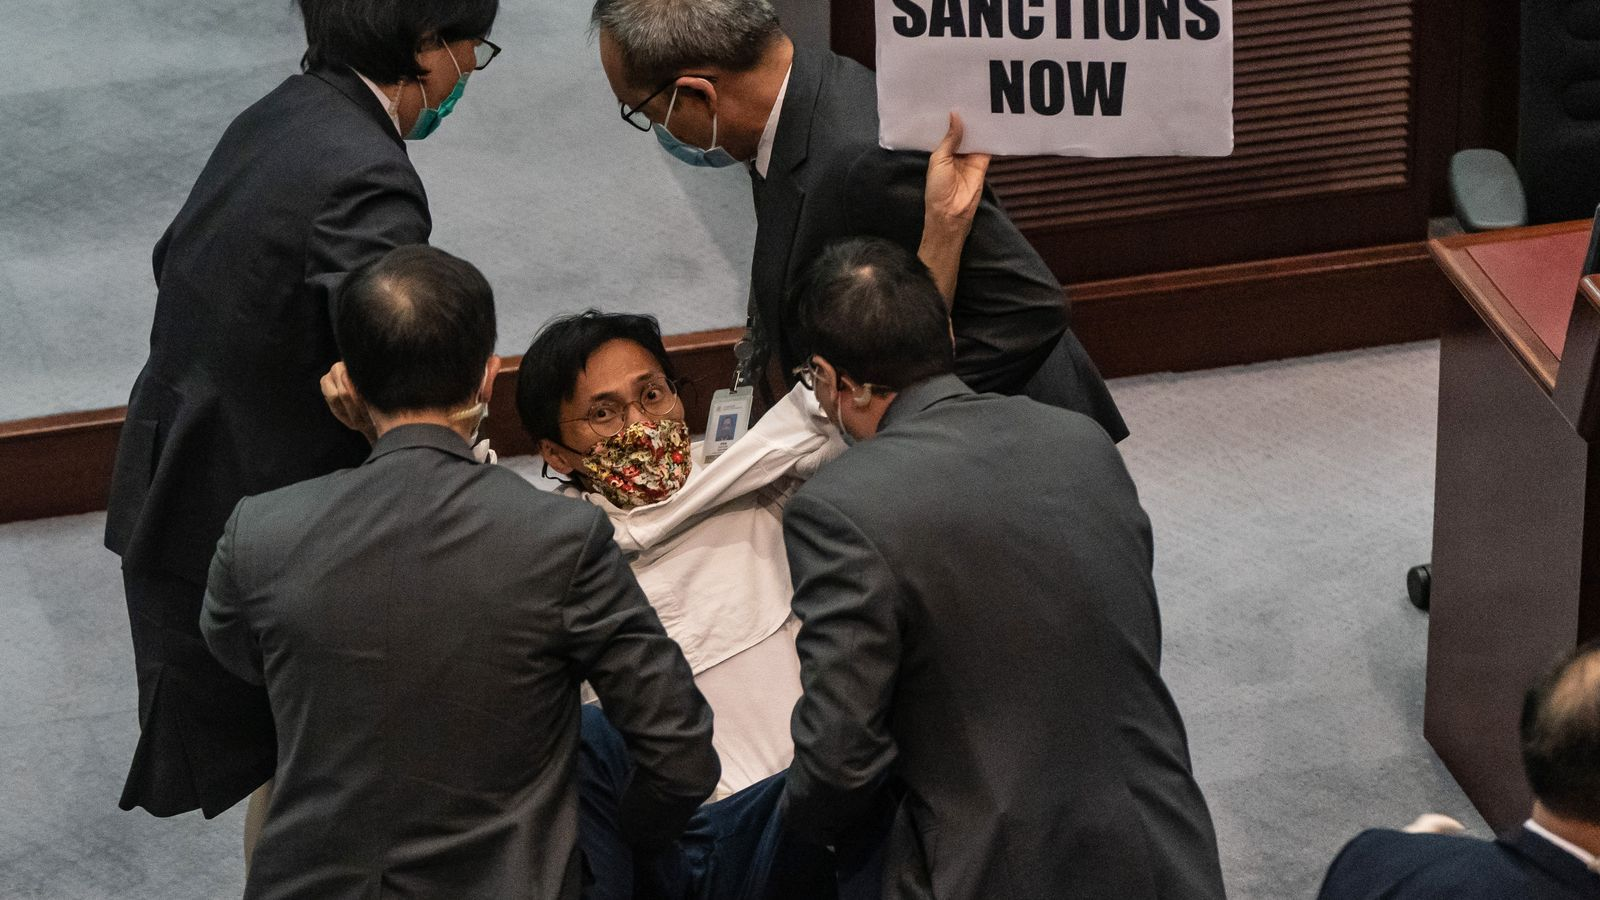 Els pro democràcia de Hong Kong es mobilitzen contra la nova llei de seguretat de la Xina